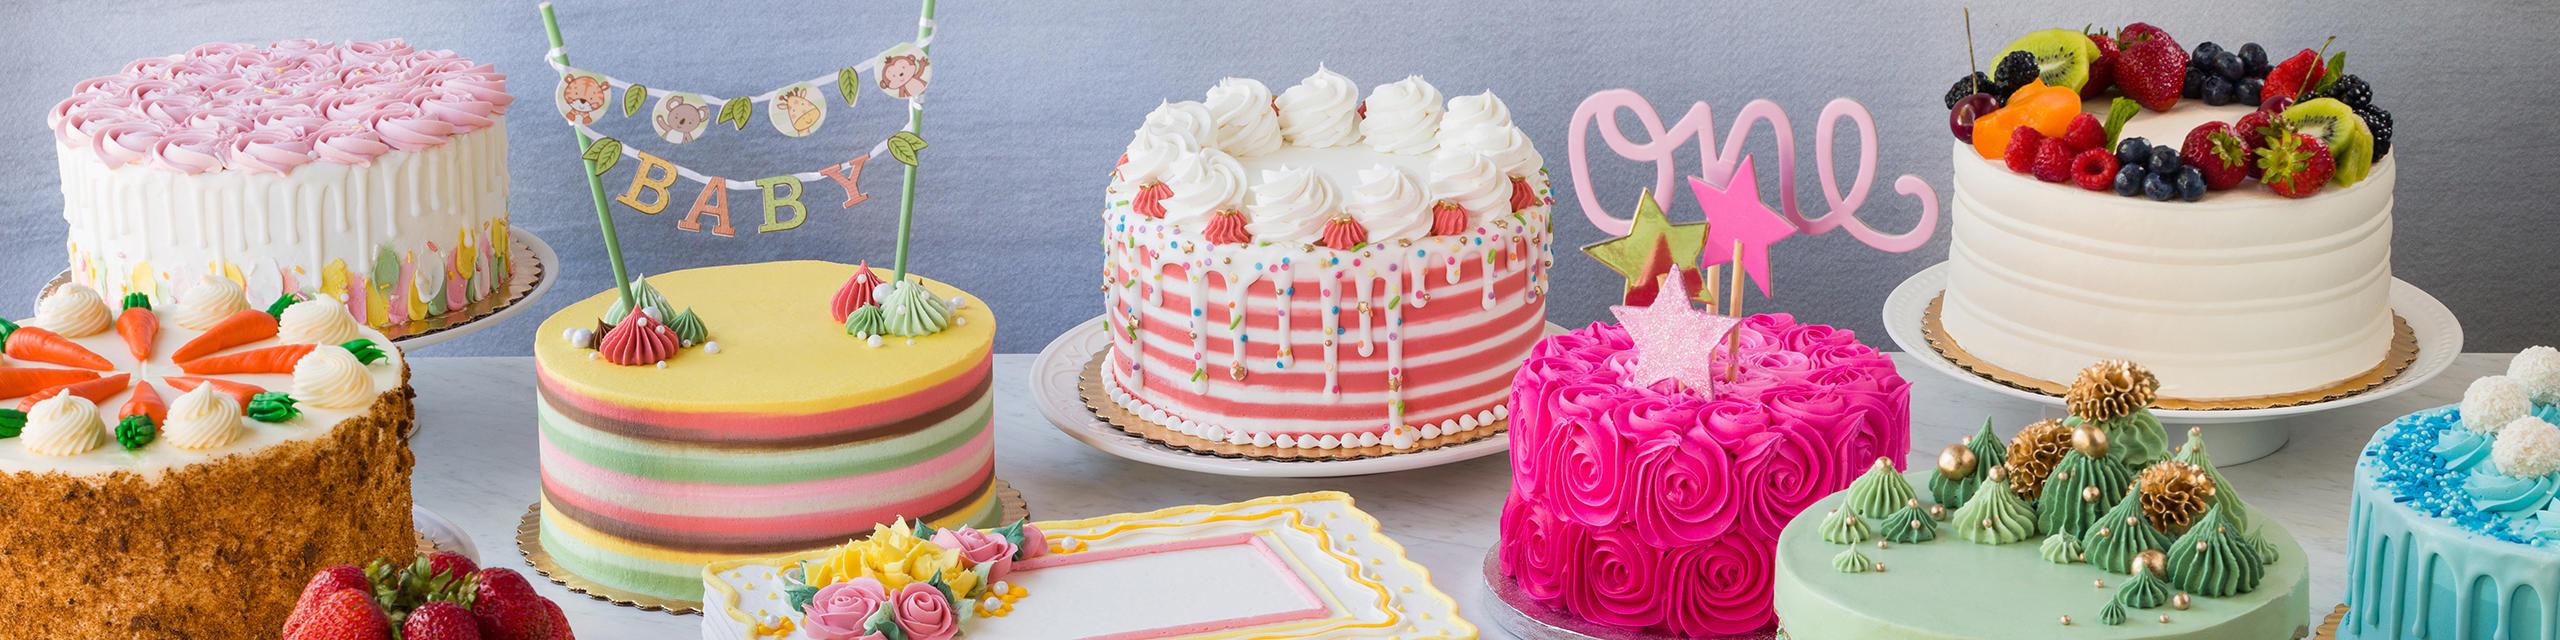 Cake Decorating Supplies Portland Oregon  from dynl.mktgcdn.com